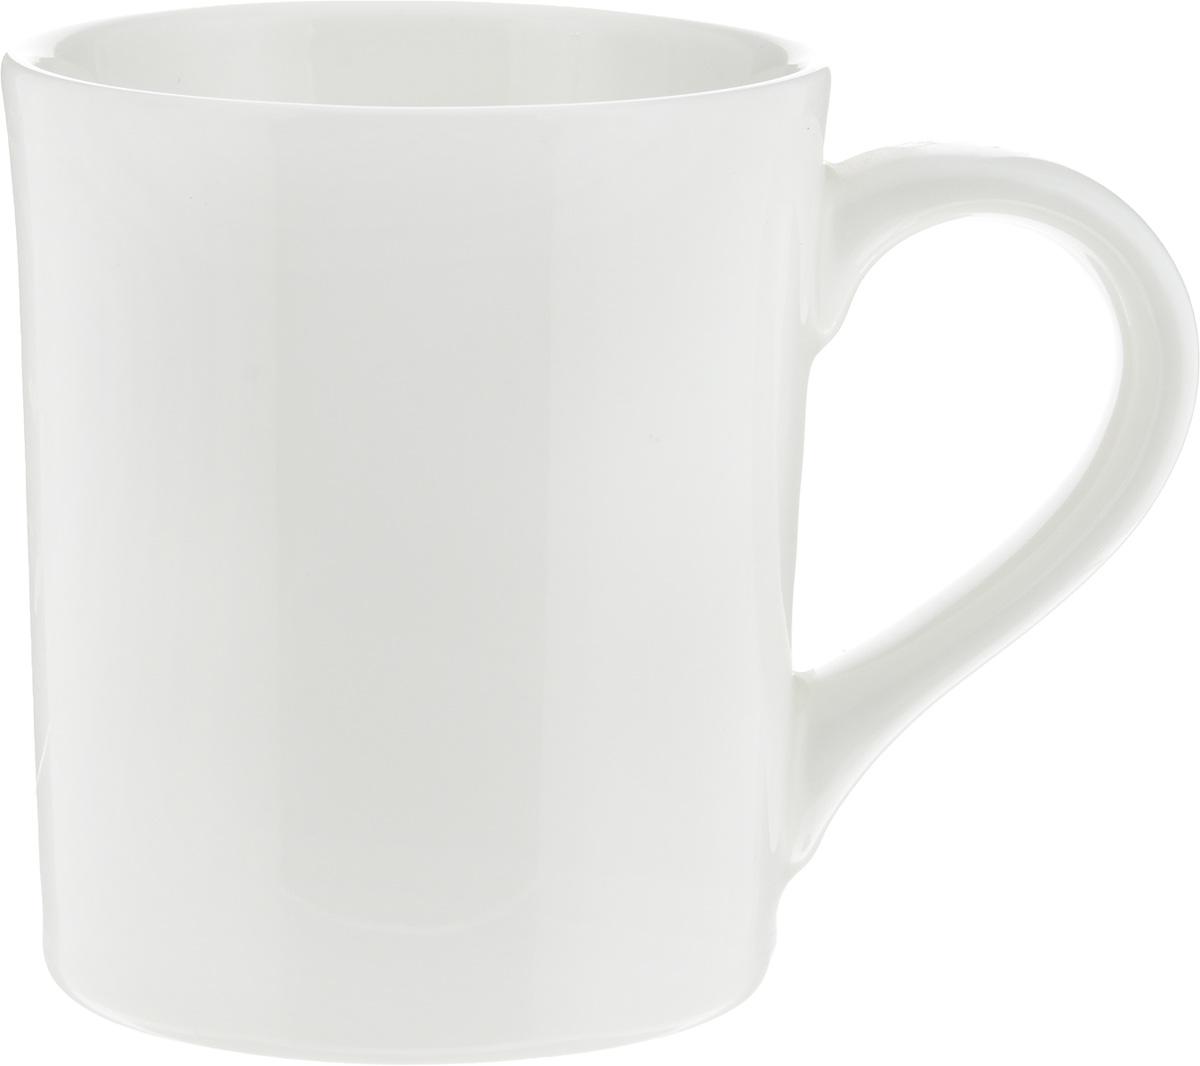 Кружка Ariane Прайм, 460 млAPRARN54046Кружка Ariane Прайм изготовлена из высококачественного фарфора с глазурованным покрытием. Такая кружка оригинально украсит стол, а пить чай или кофе станет еще приятнее. Можно мыть в посудомоечной машине и использовать в микроволновой печи. Диаметр кружки (по верхнему краю): 9 см. Высота салатника: 10,5 см.